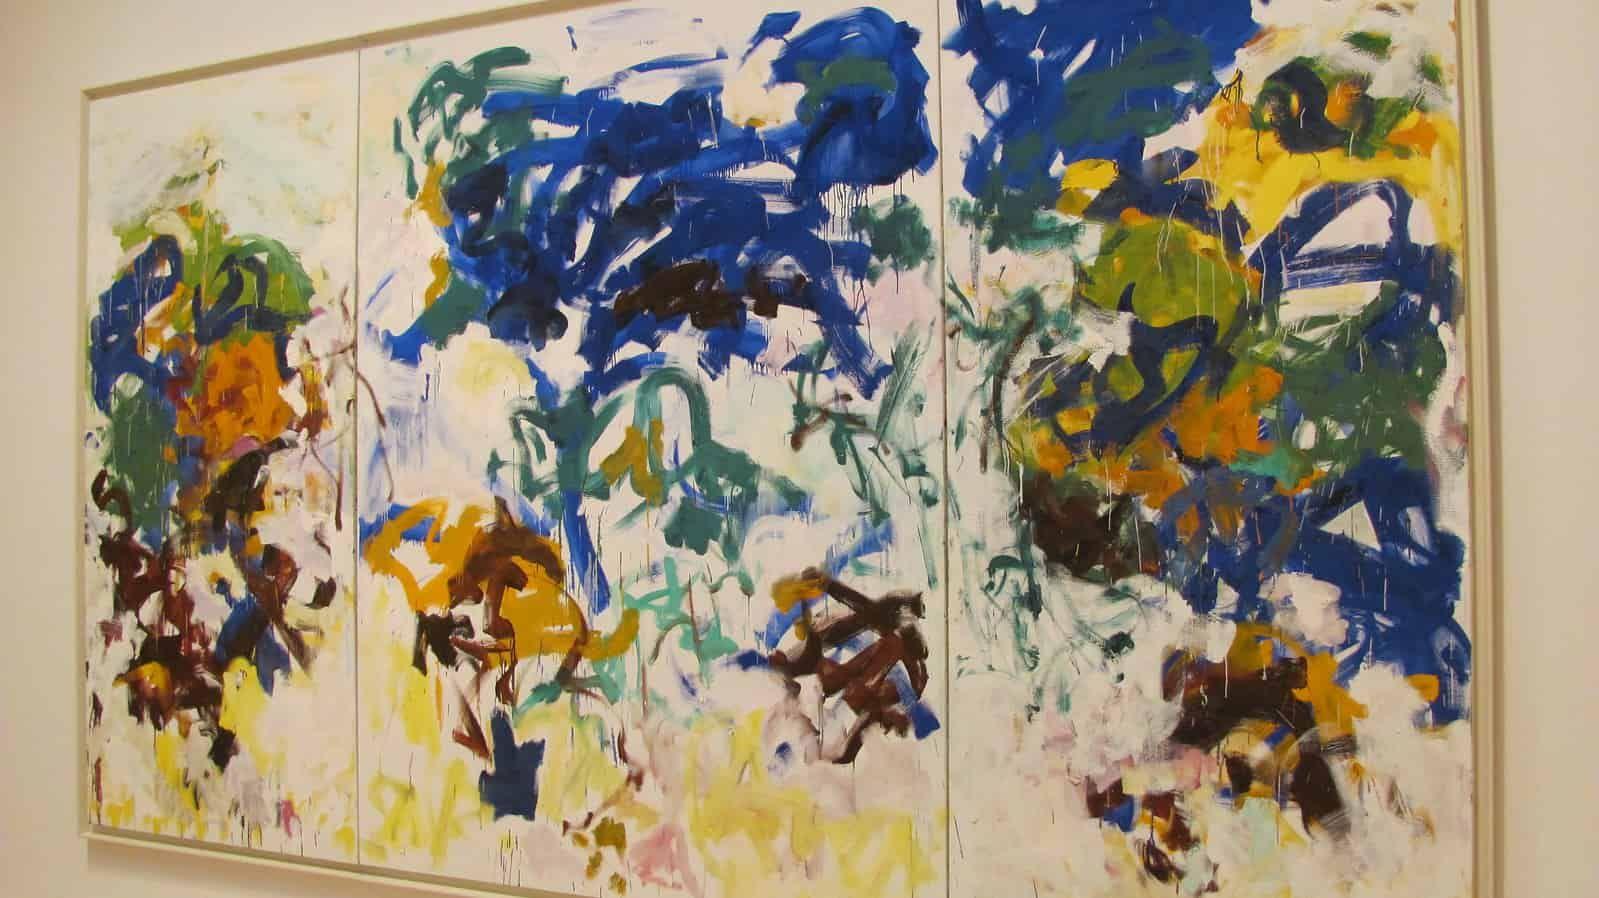 Was Du Uber Joan Mitchell Und Ihren Kunstlerischen Werdegang Wissen Musst In Dieser Joan Mitchell Biografie Findes In 2020 Joan Mitchell Kunstwerke Abstraktes Gemalde